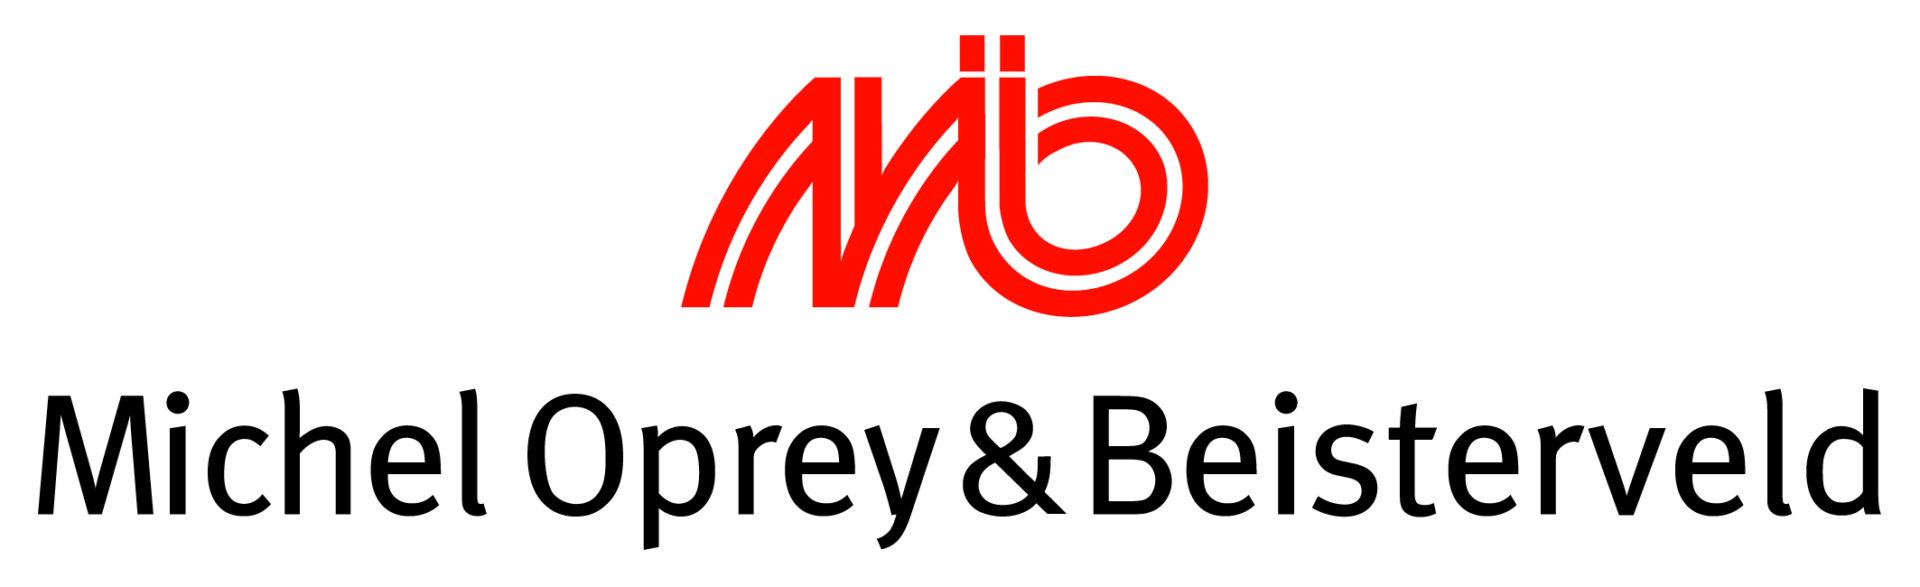 Logo Michel Oprey & Beisterveld